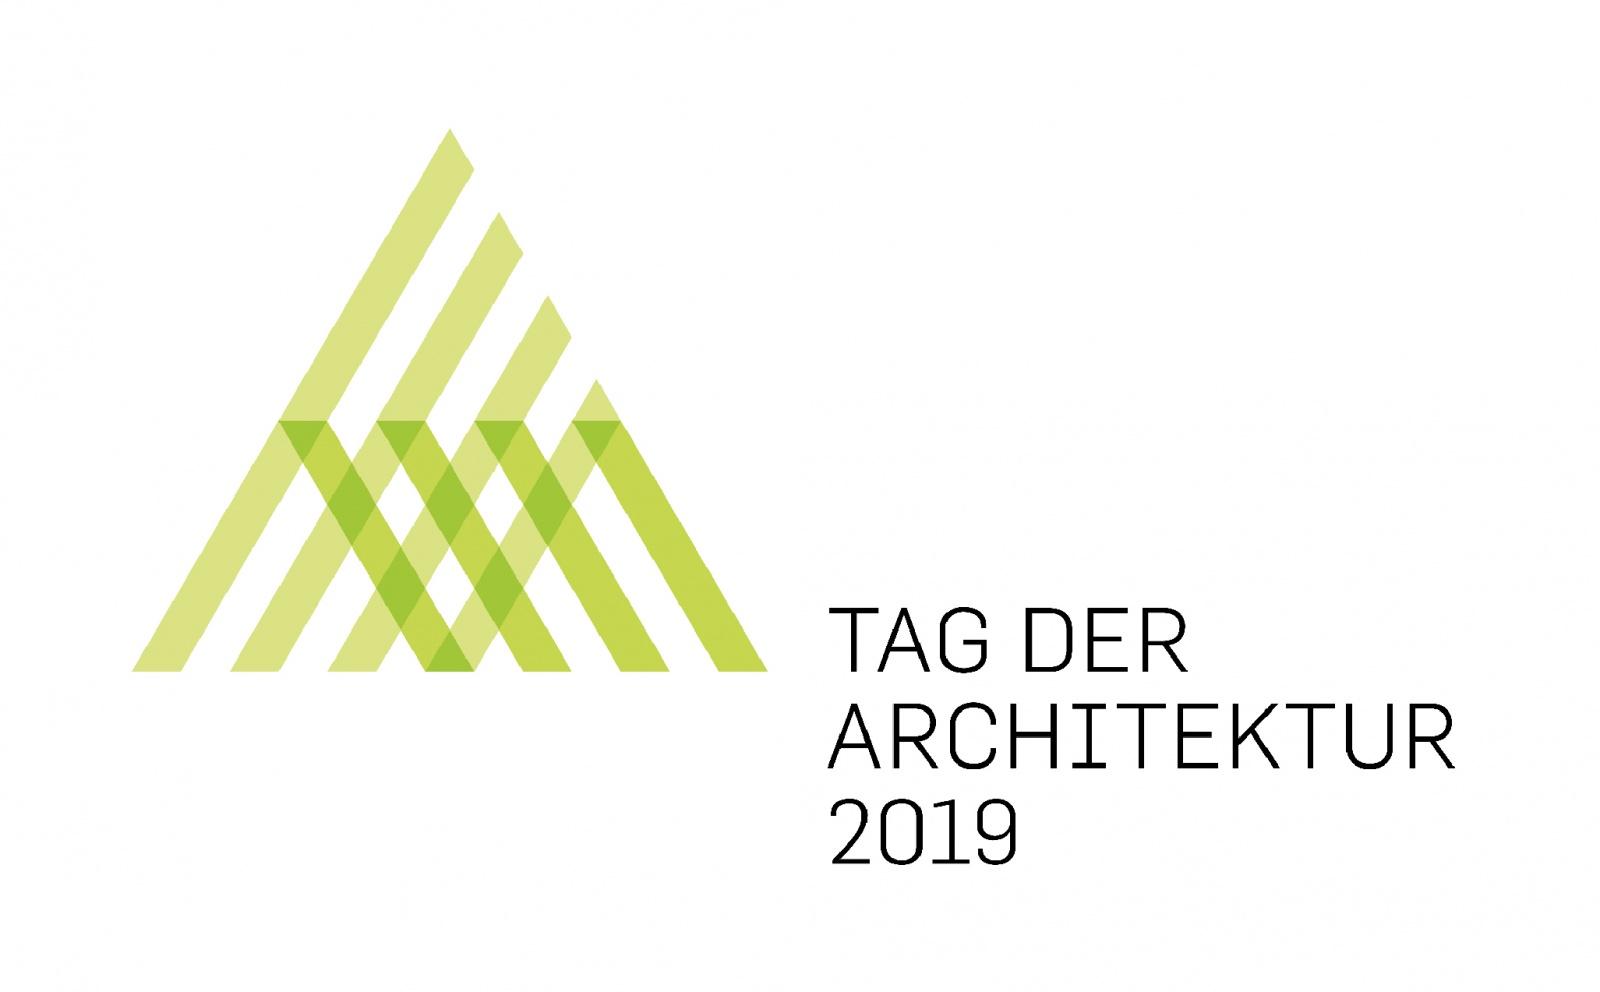 Architektur Erleben Architekten Treffen